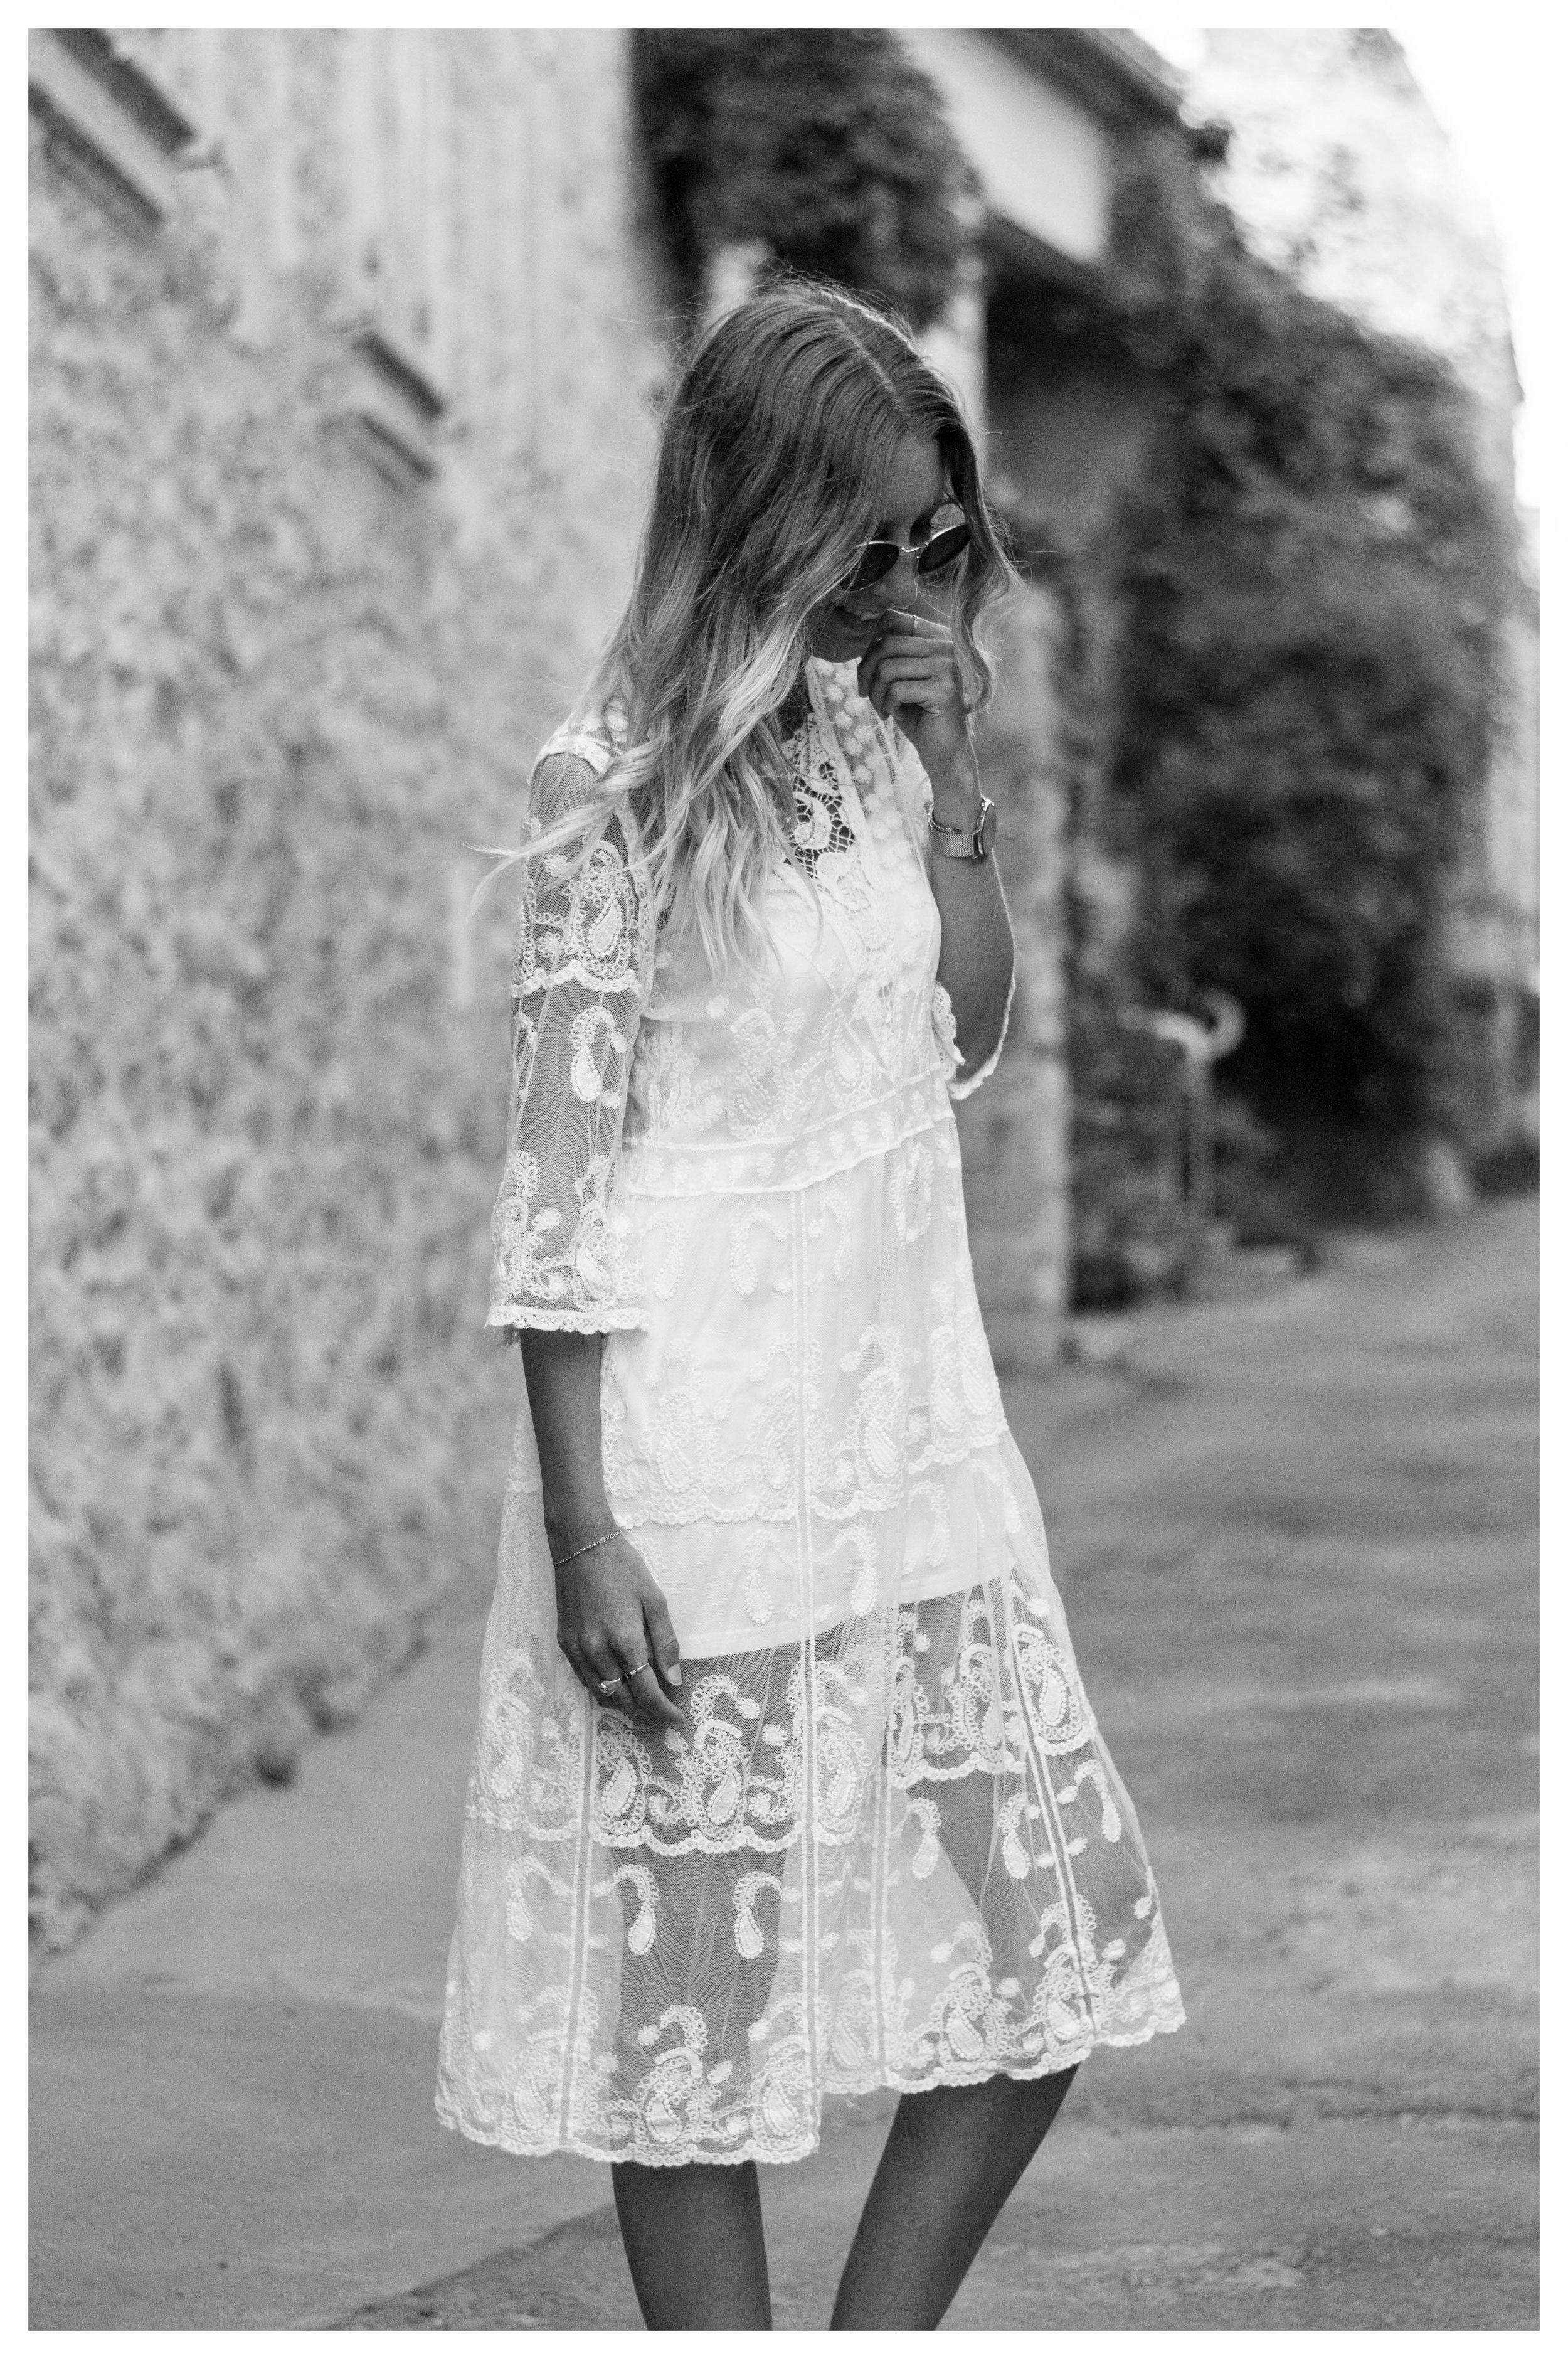 Cornillon White Dress June - OSIARAH.COM (11 of 27).jpg